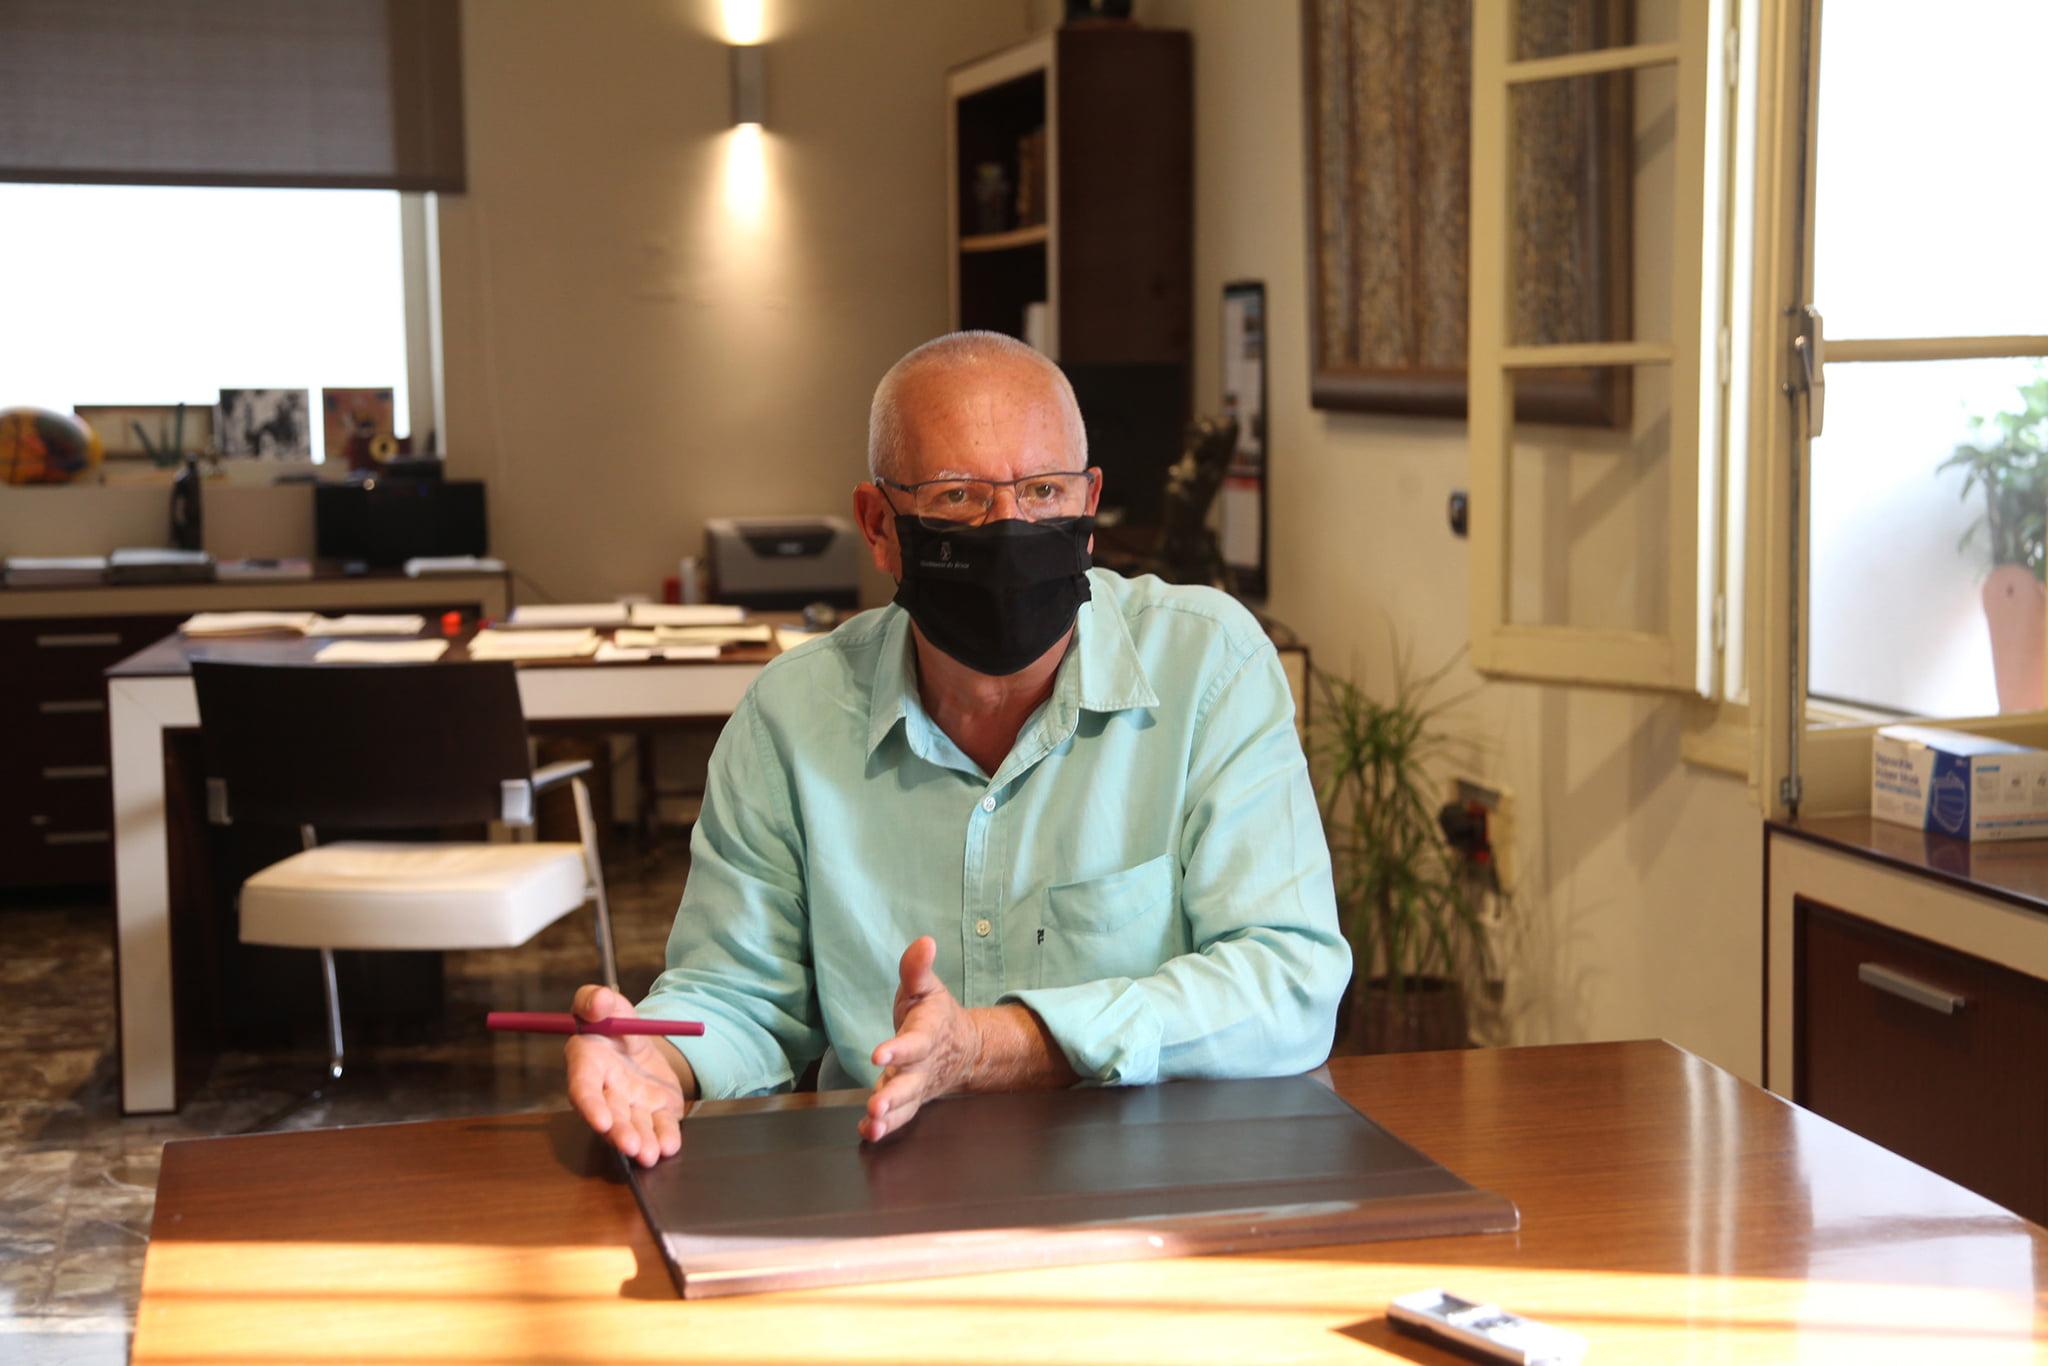 Photographie de Vicent Grimalt dans son bureau